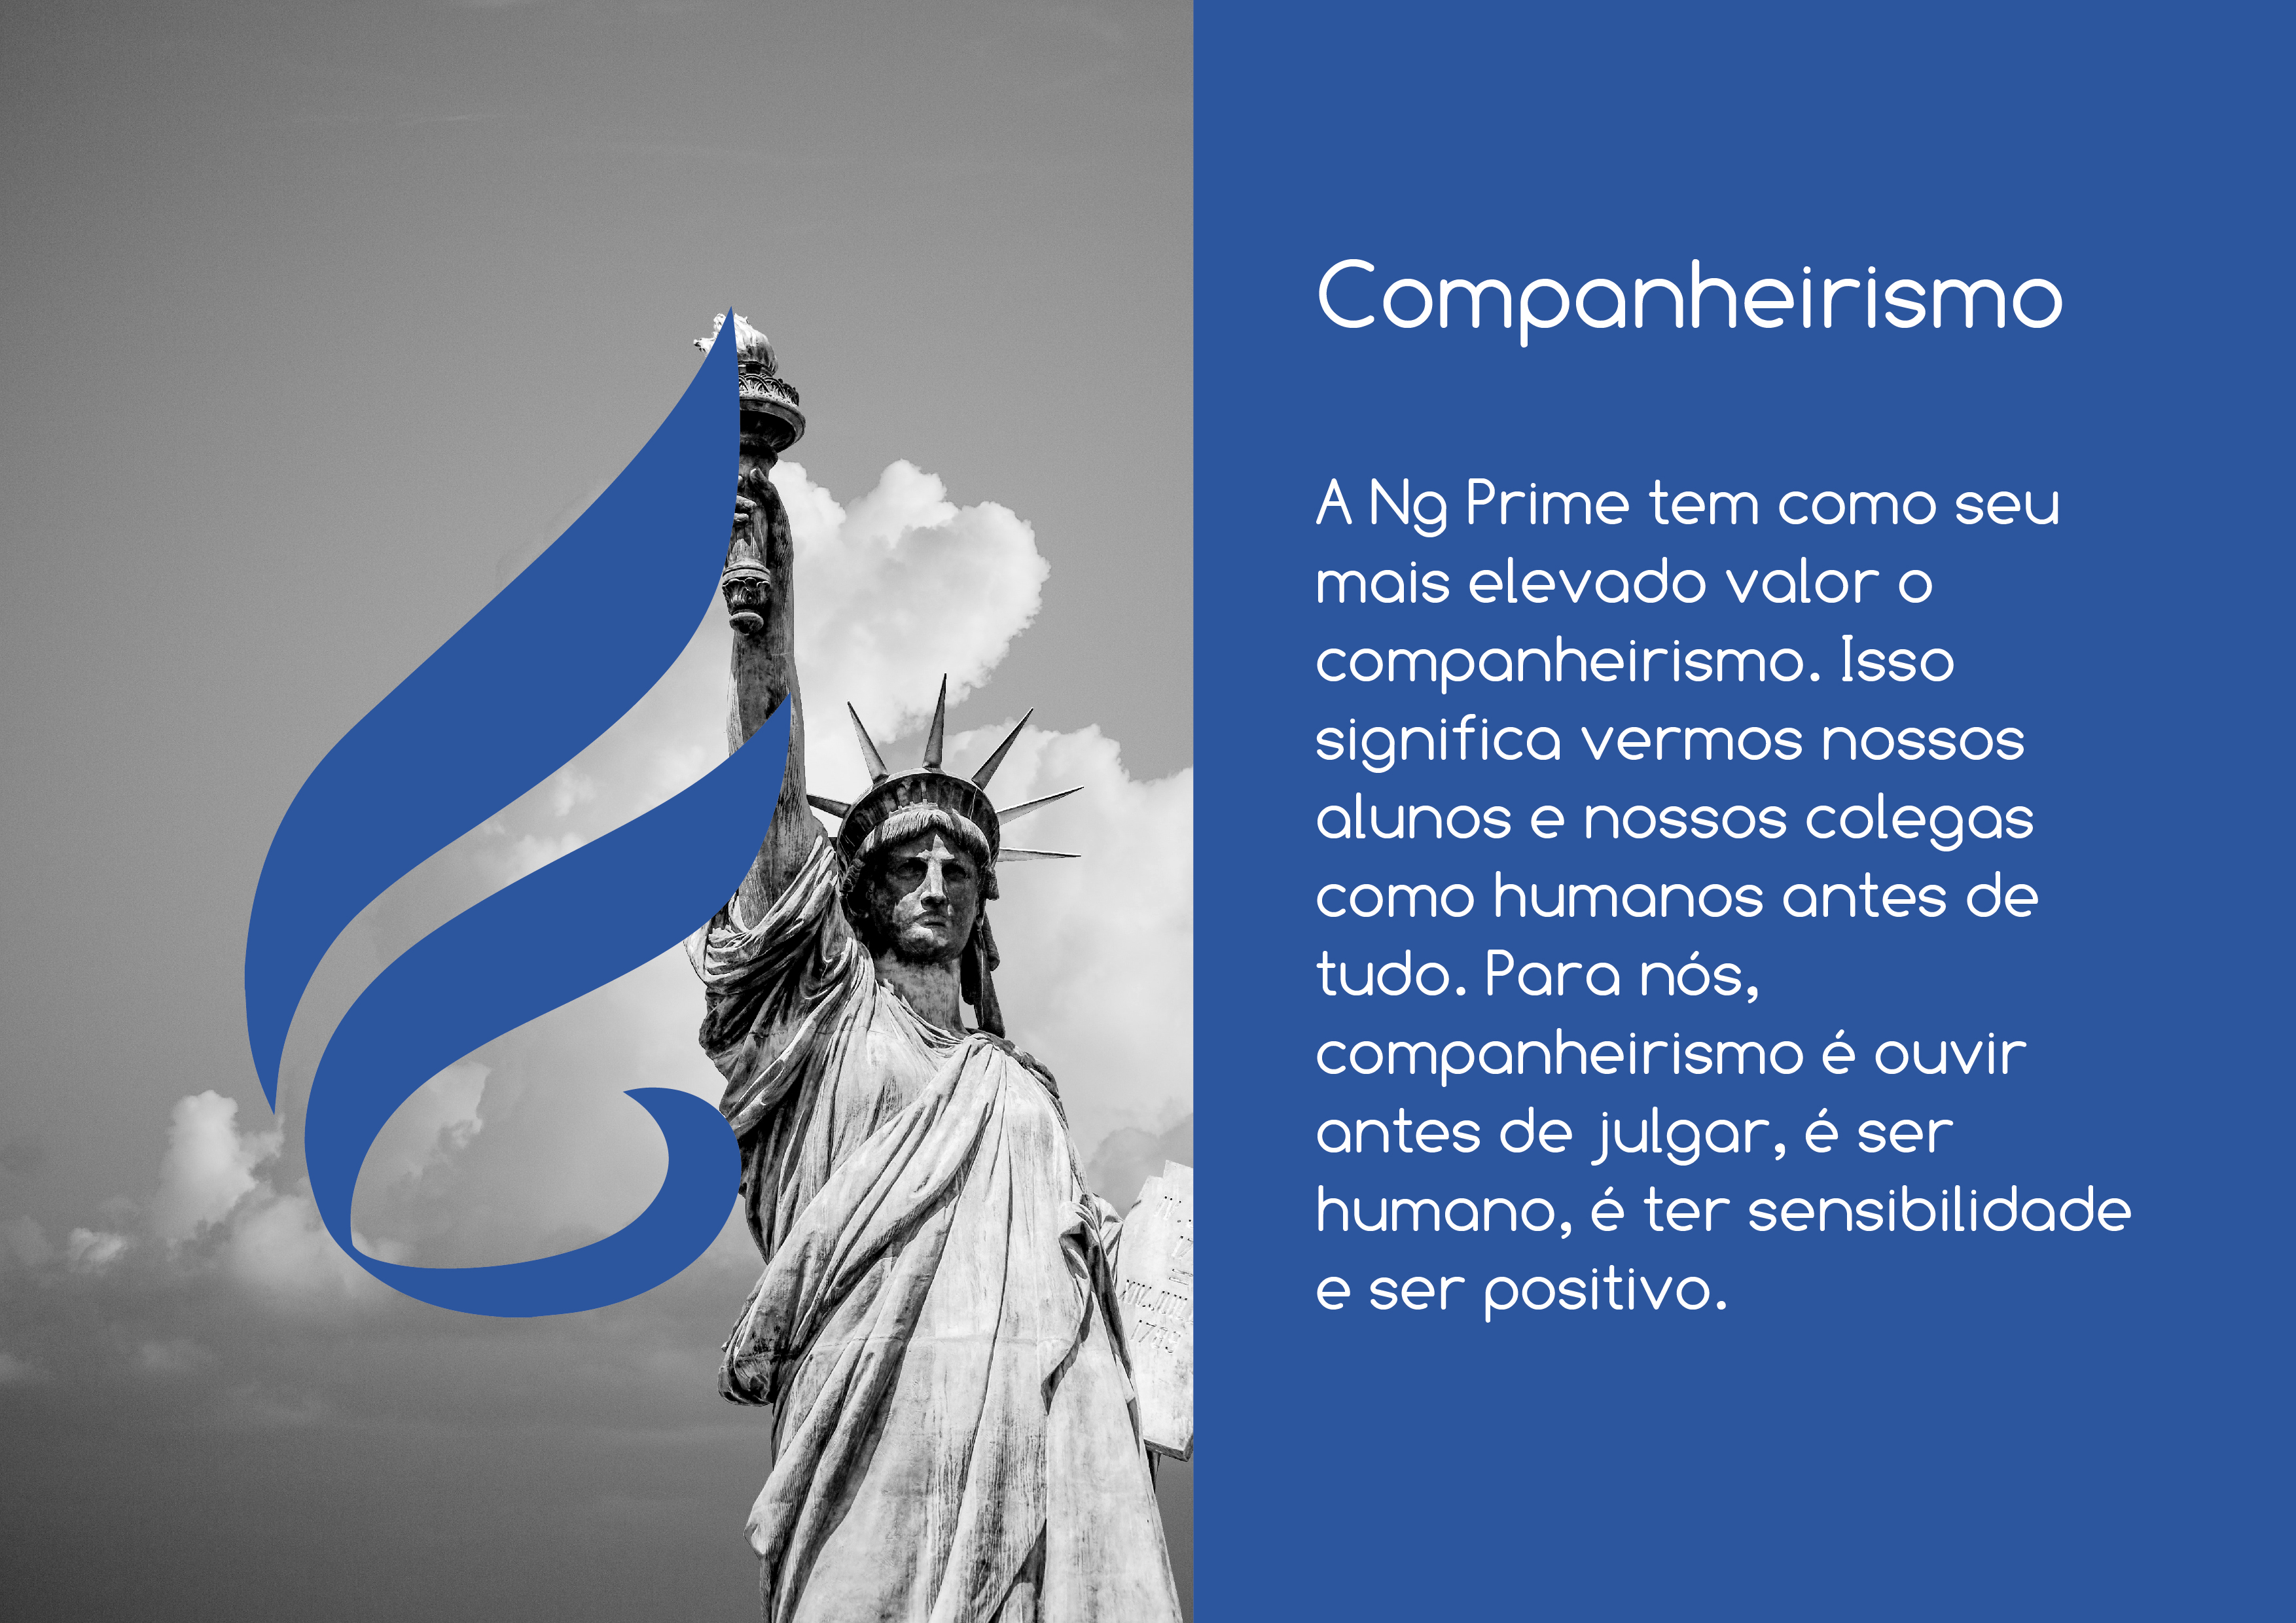 1 - Companheirismo-01